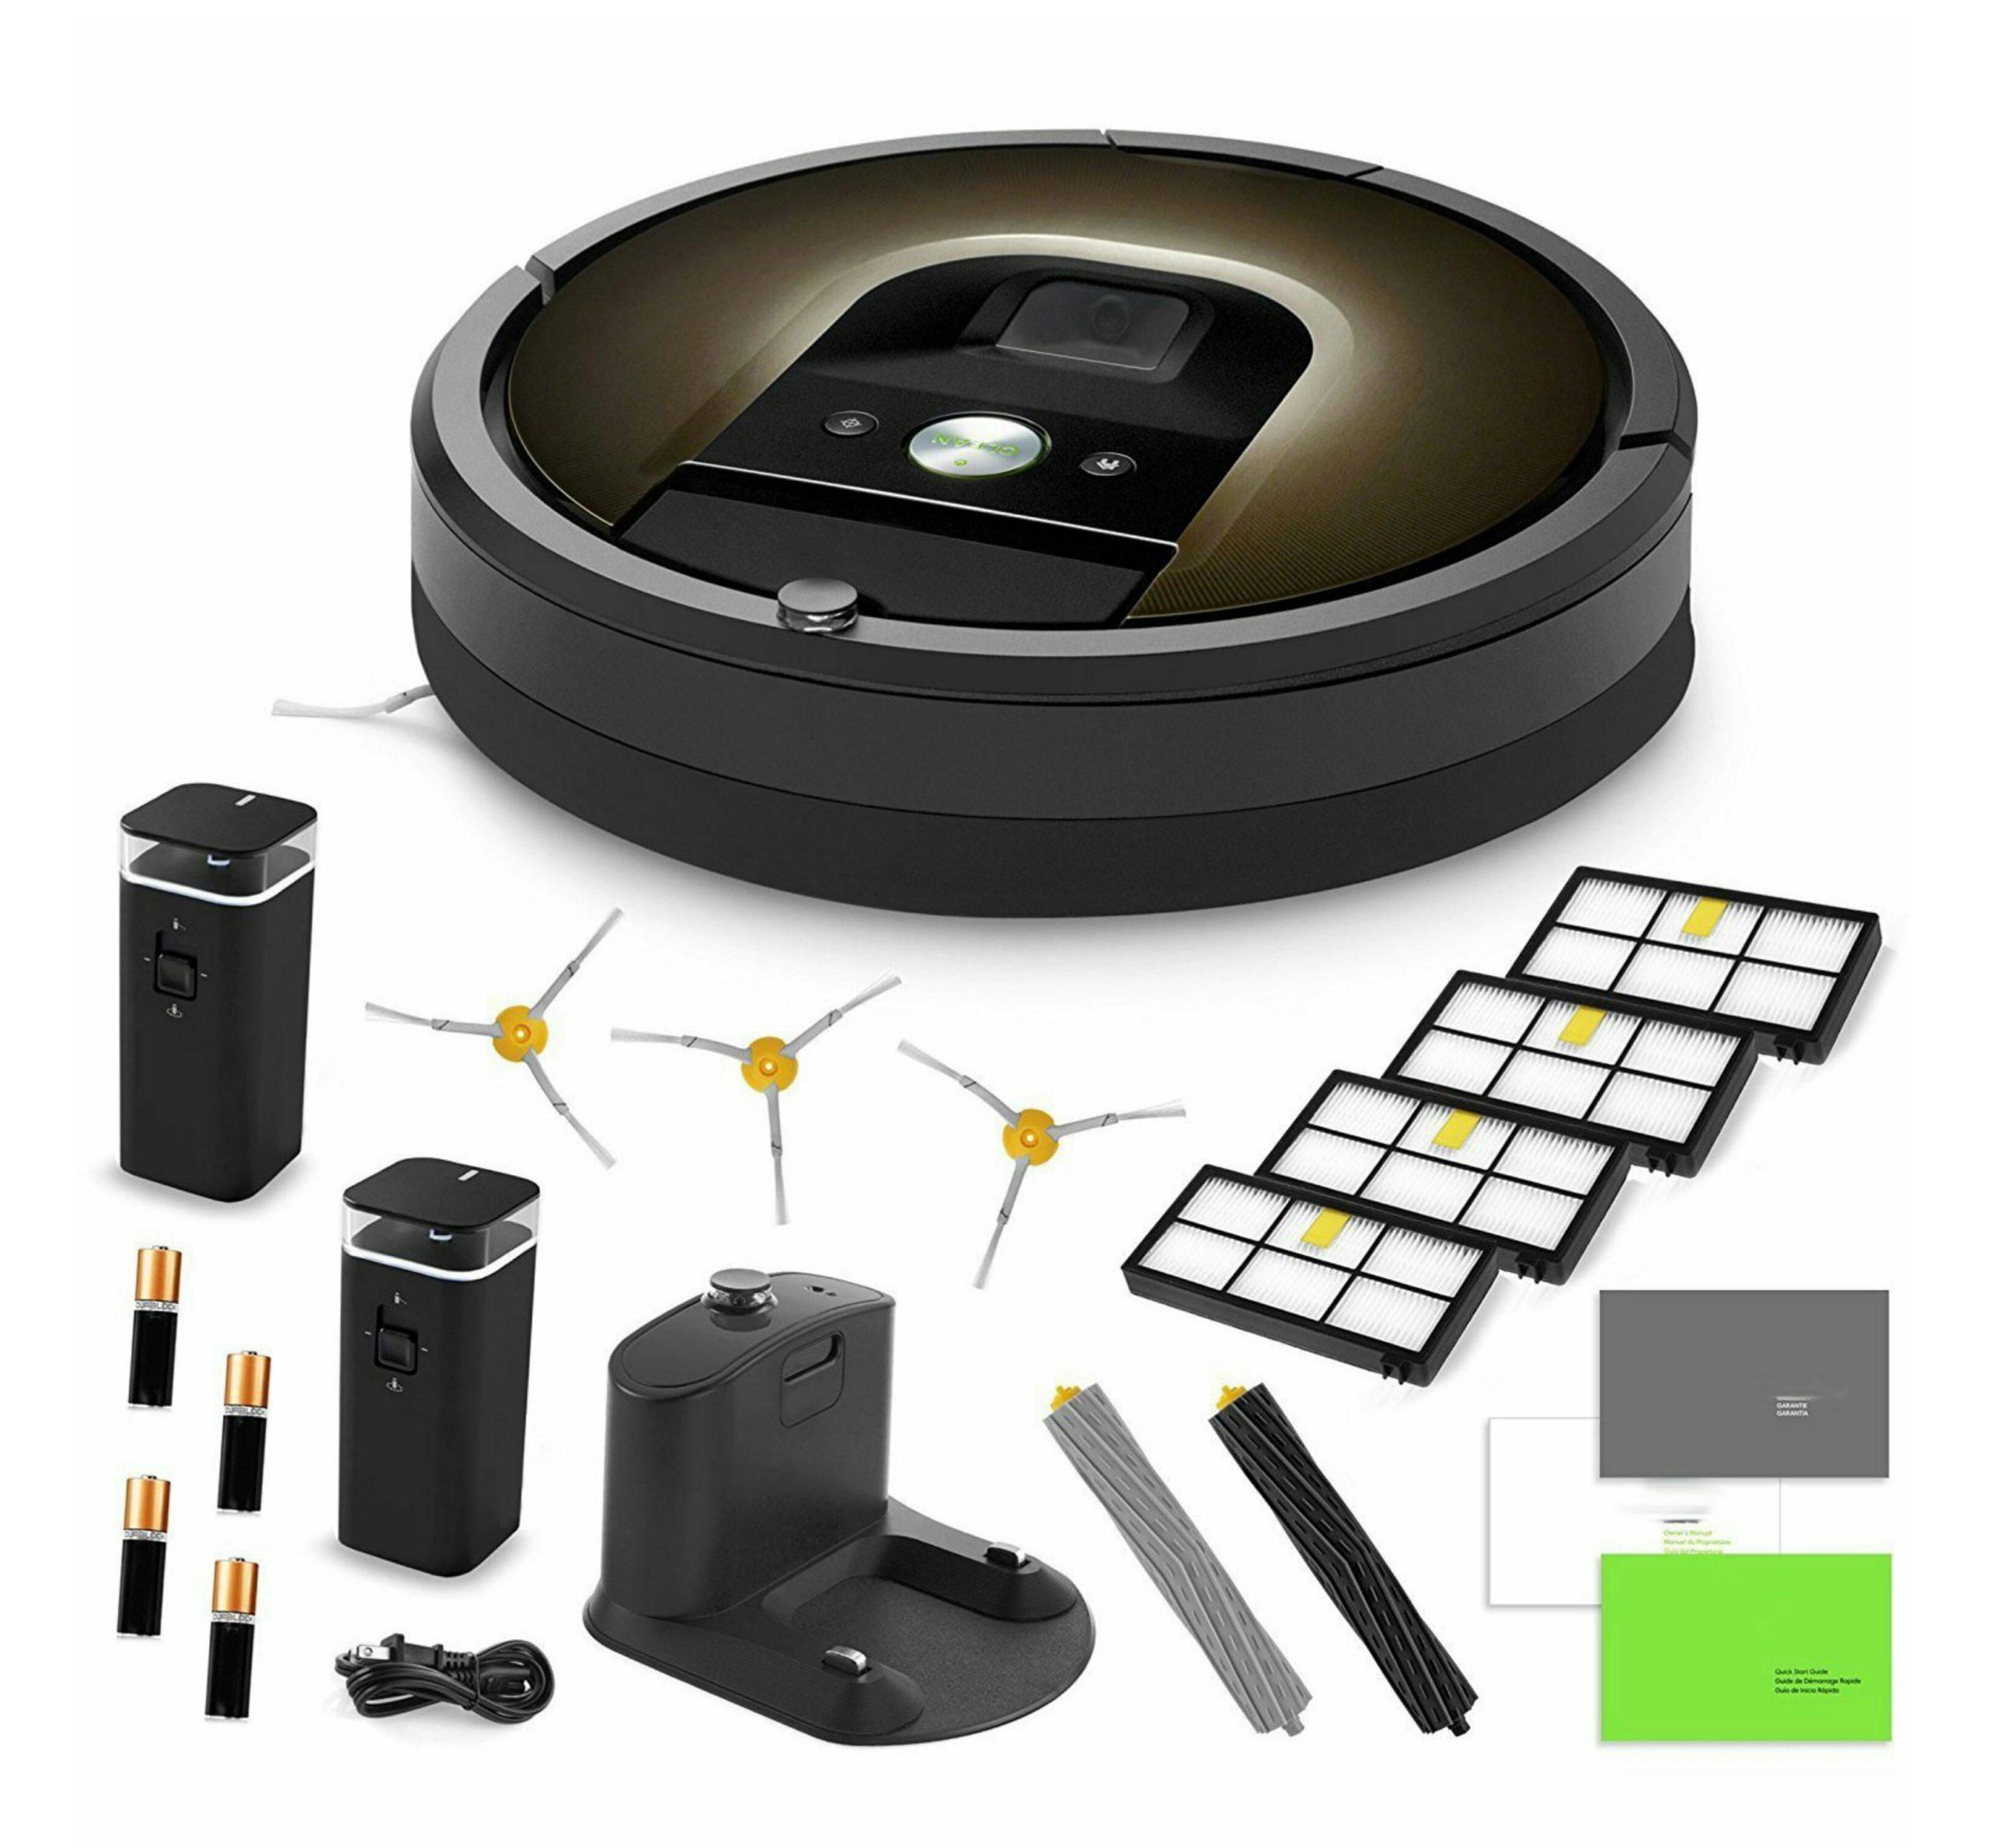 Isn't Best Cheap Robot For Home iRobot Roomba 980